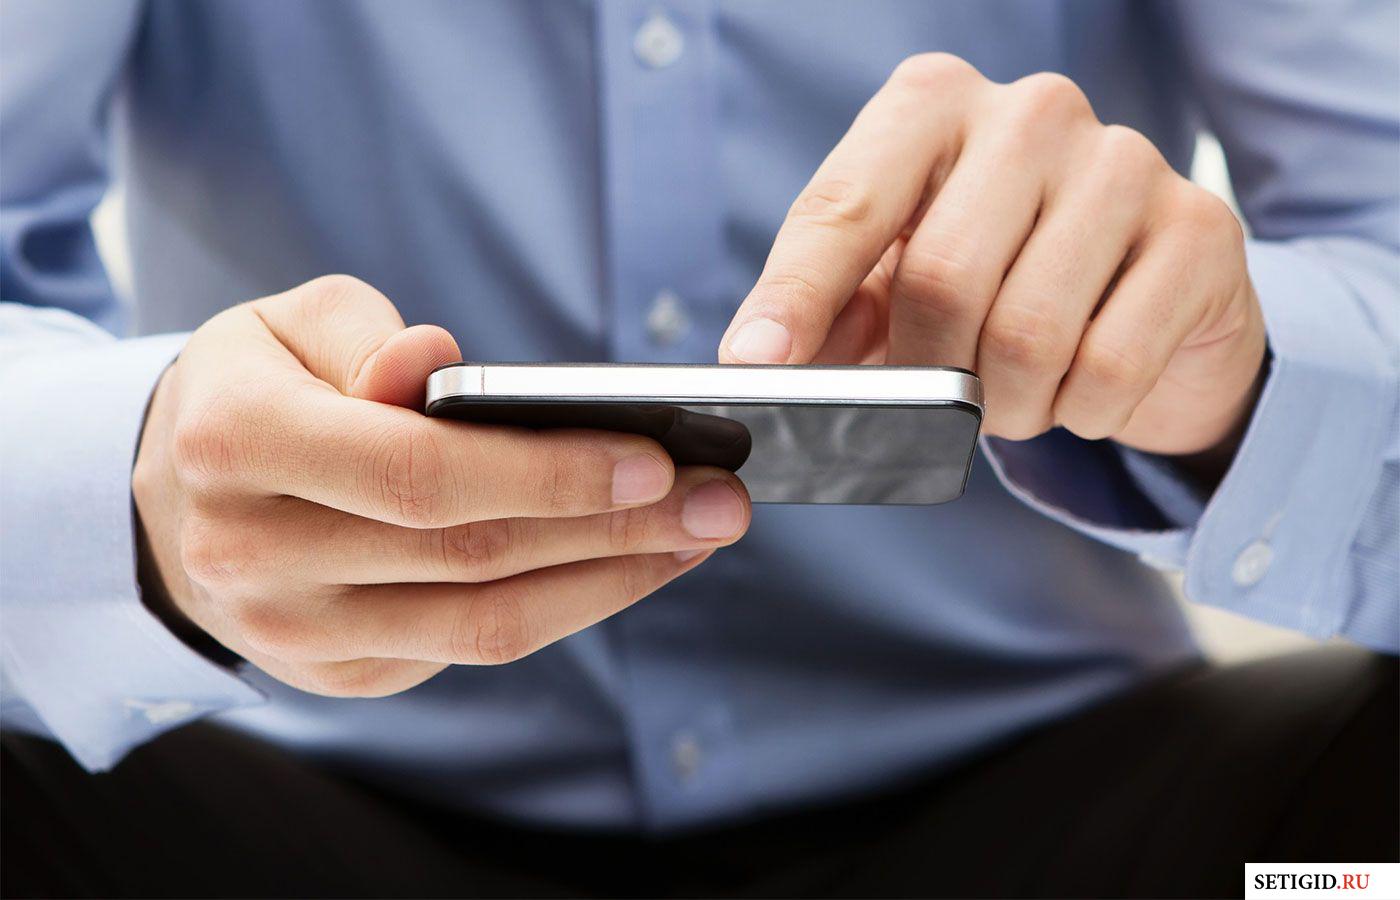 человек держит в руках телефон